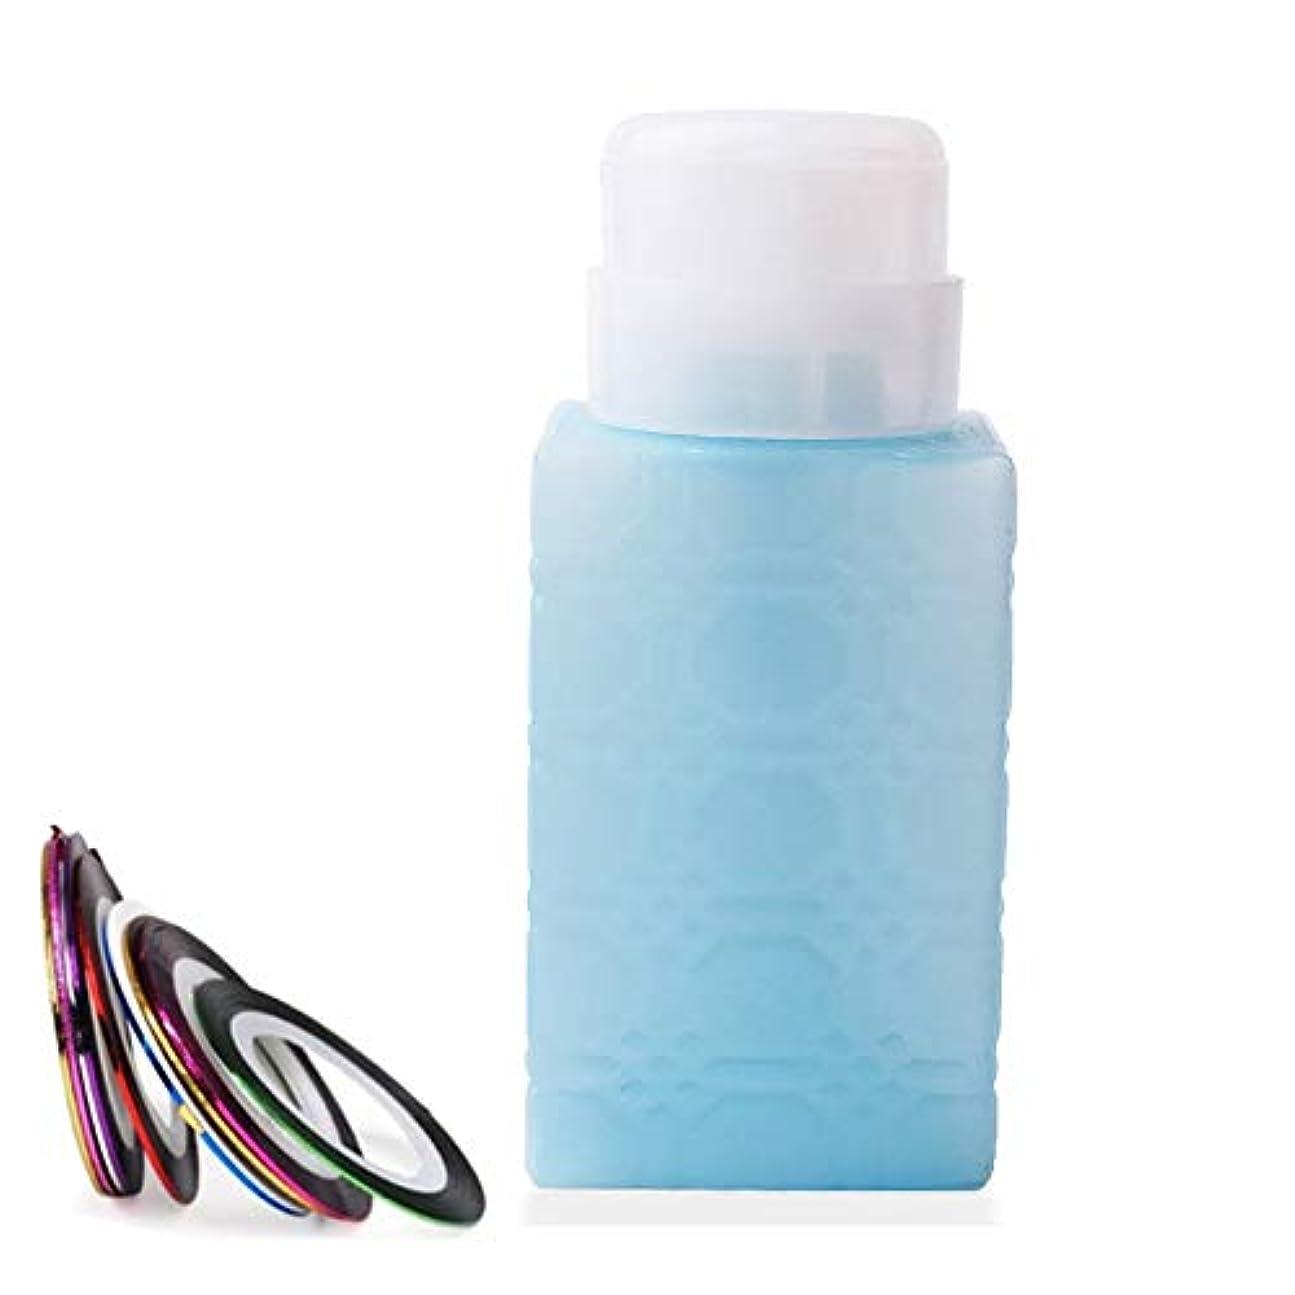 温室間欠適応空ポンプボトル ポンプディスペンサー ネイルワイプ瓶 ジュルクリーナー ジュルリムーバー 可愛い (ブルー)